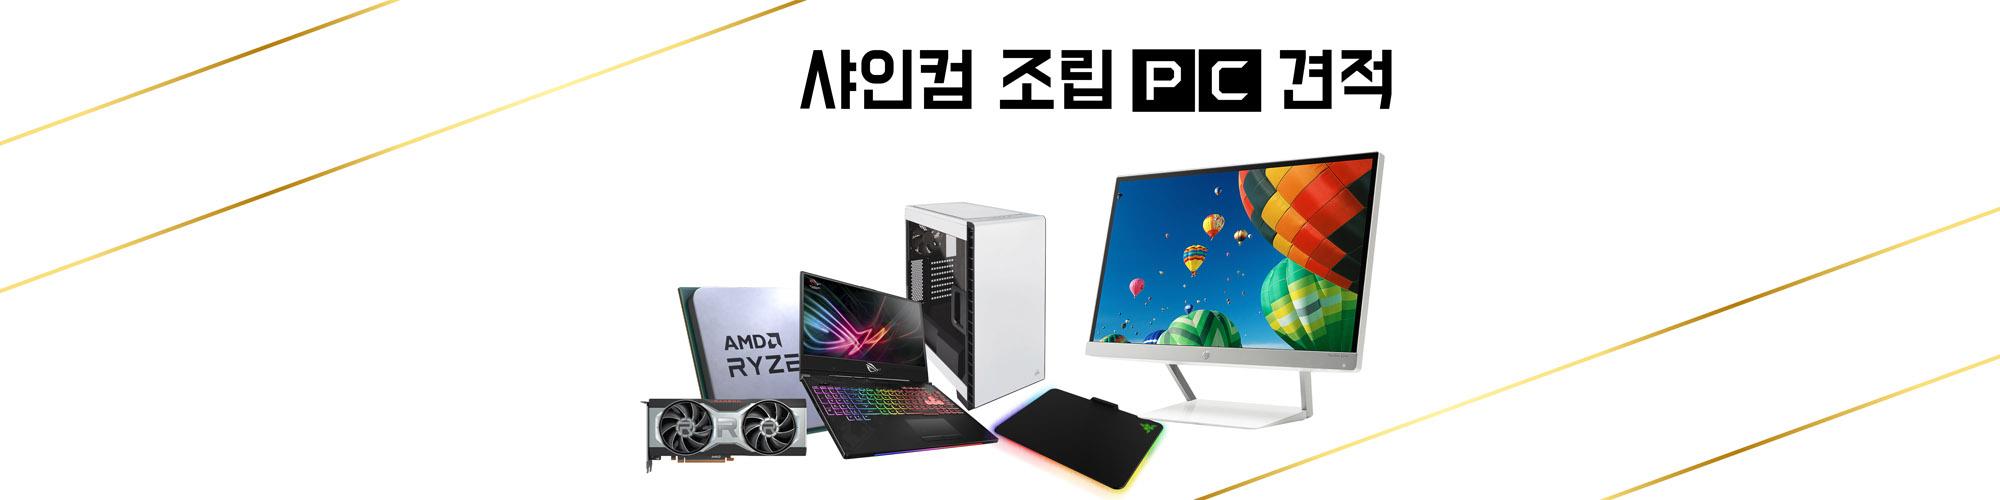 정직한 PC - 신도림  테크노마트 조립 컴퓨터 샤인컴